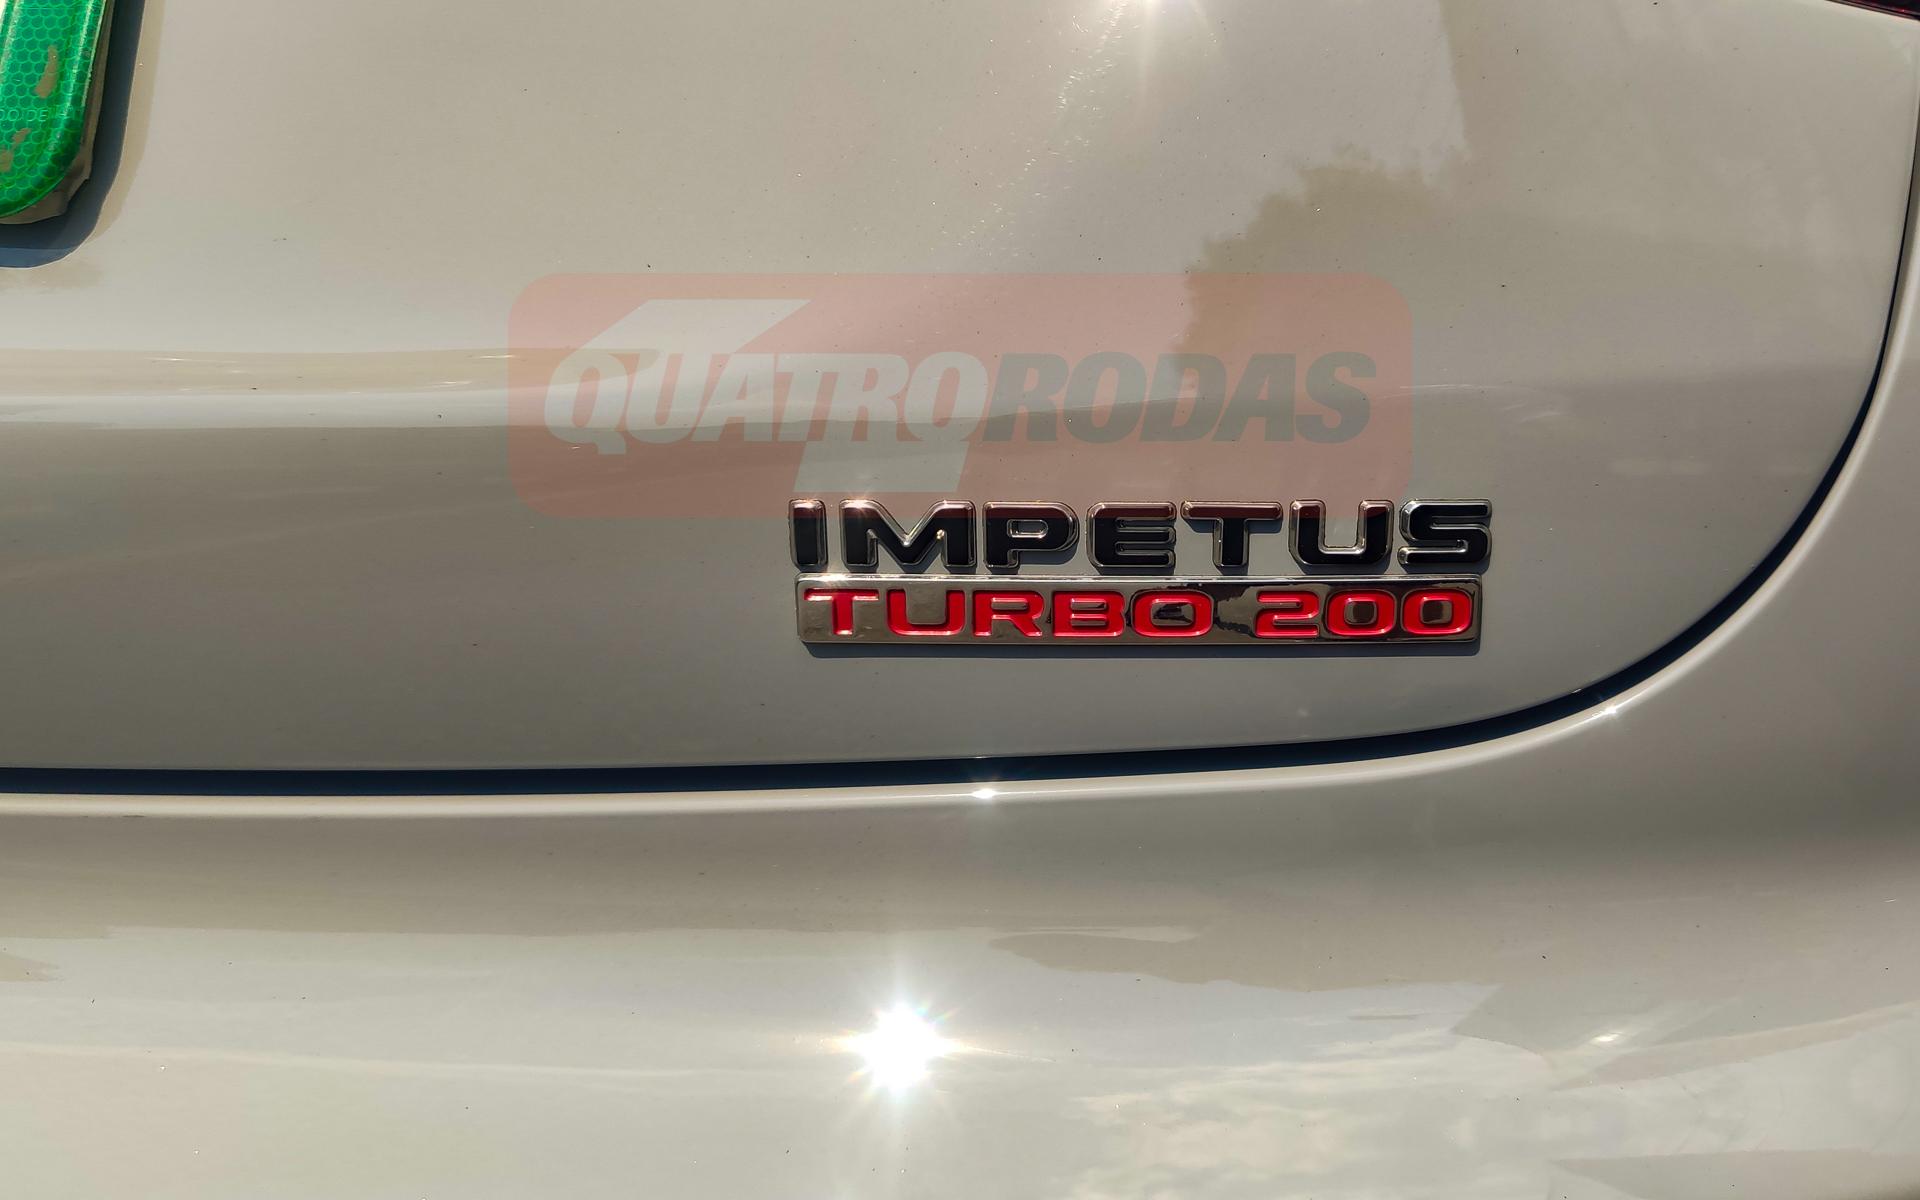 Como adiantado por QUATRO RODAS, eis o Pulse Impetus Turbo 200 — agora assumindo a identidade